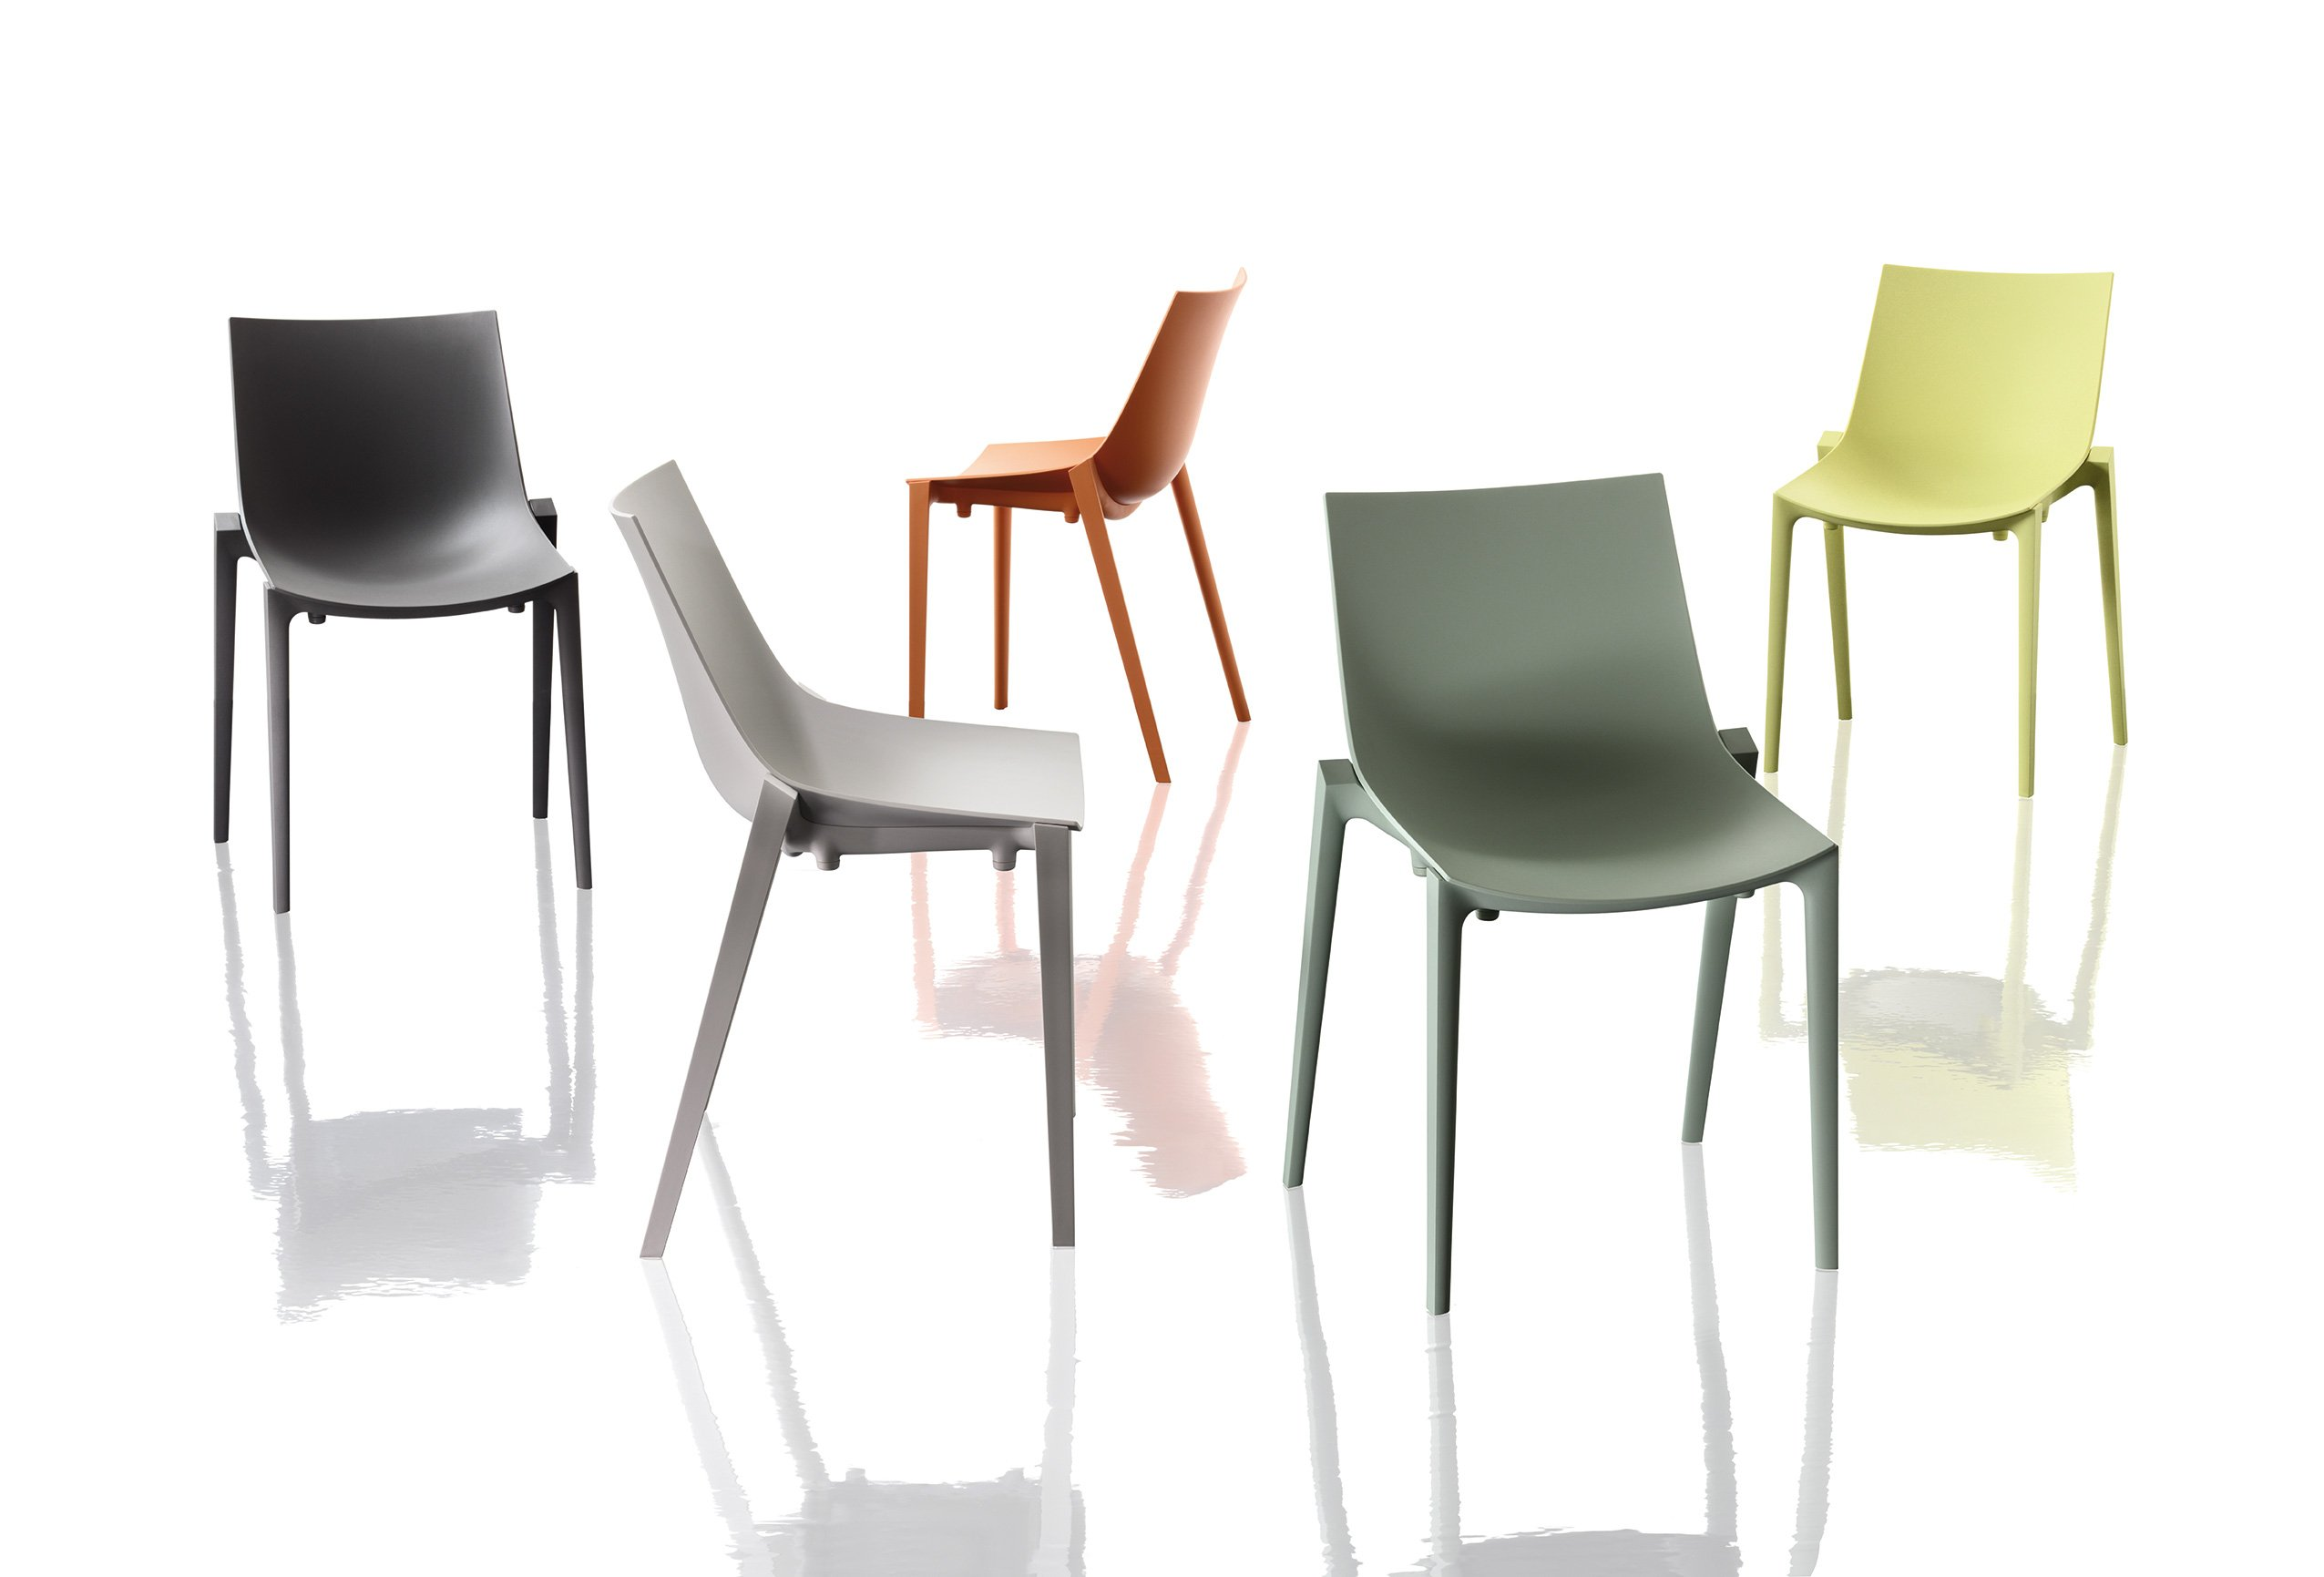 Sedie Di Plastica Trasparenti : Sedie in plastica prezzi finest beautiful sedie with sedie in